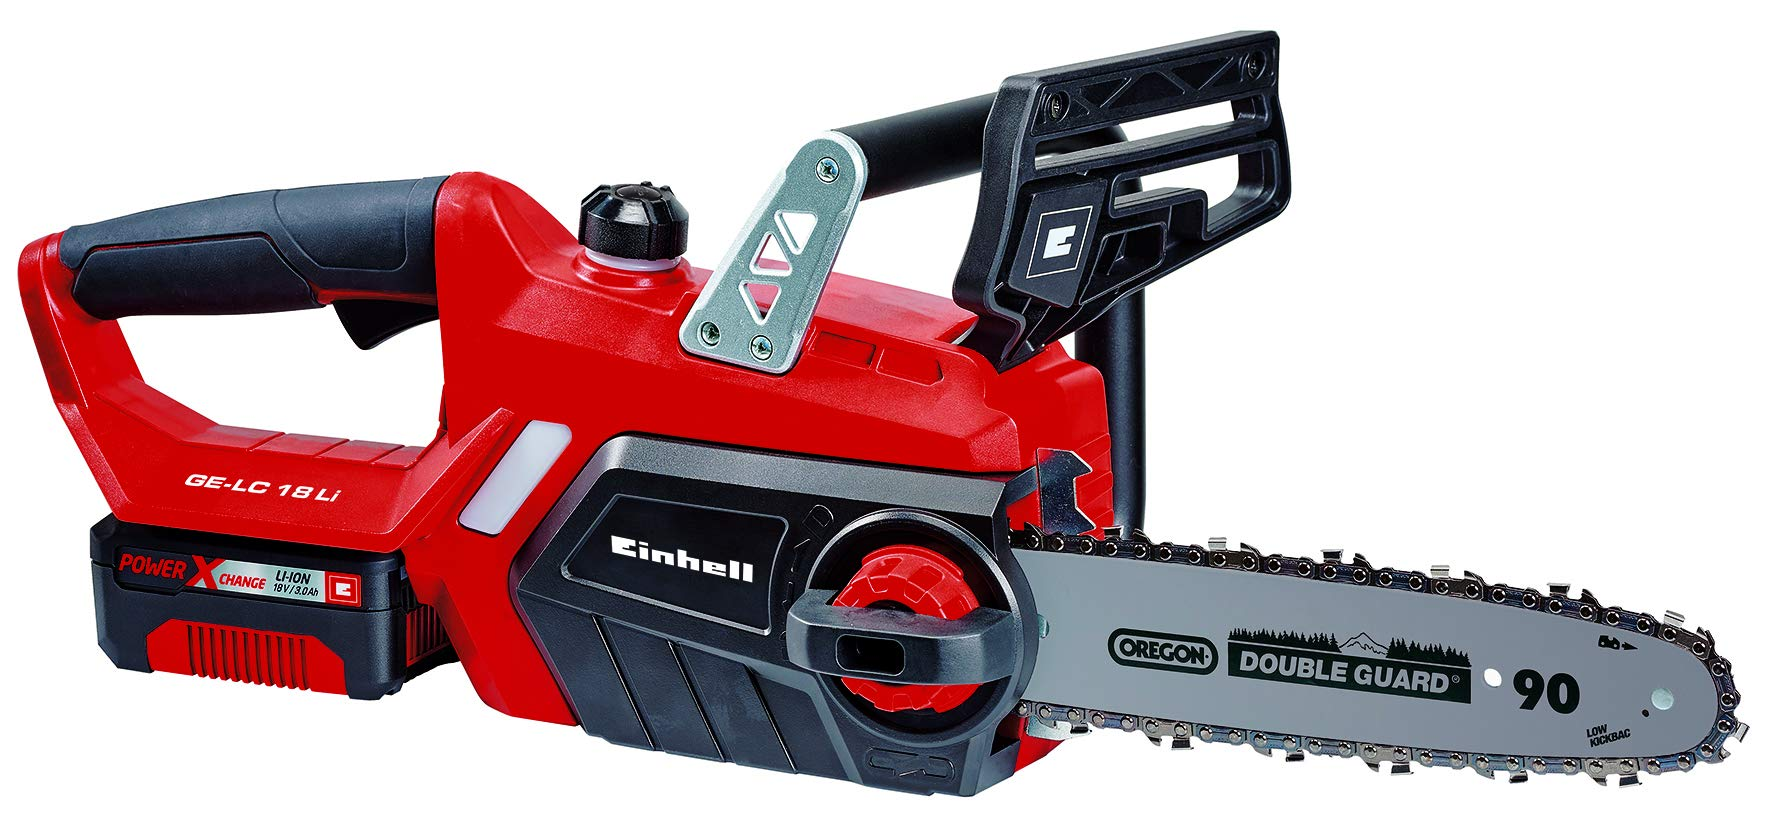 Einhell 4501760 GE-LC 18 Li Kit - Motosierra eléctrica, batería Power X-Change, lubricación automática, longitud de corte 23 cm, velocidad de corte 4.3 m/s, ...